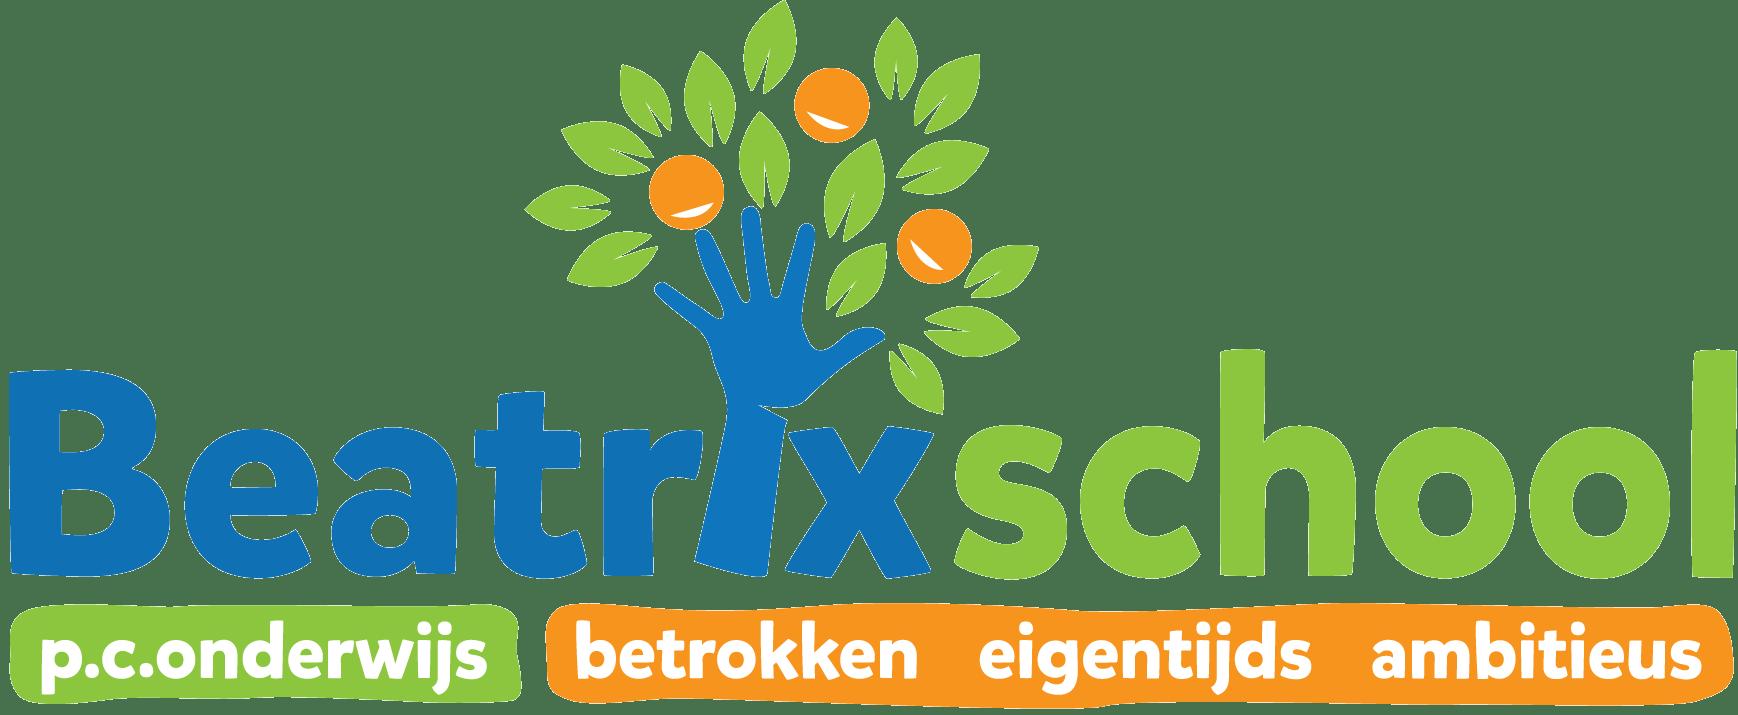 Beatrixschool